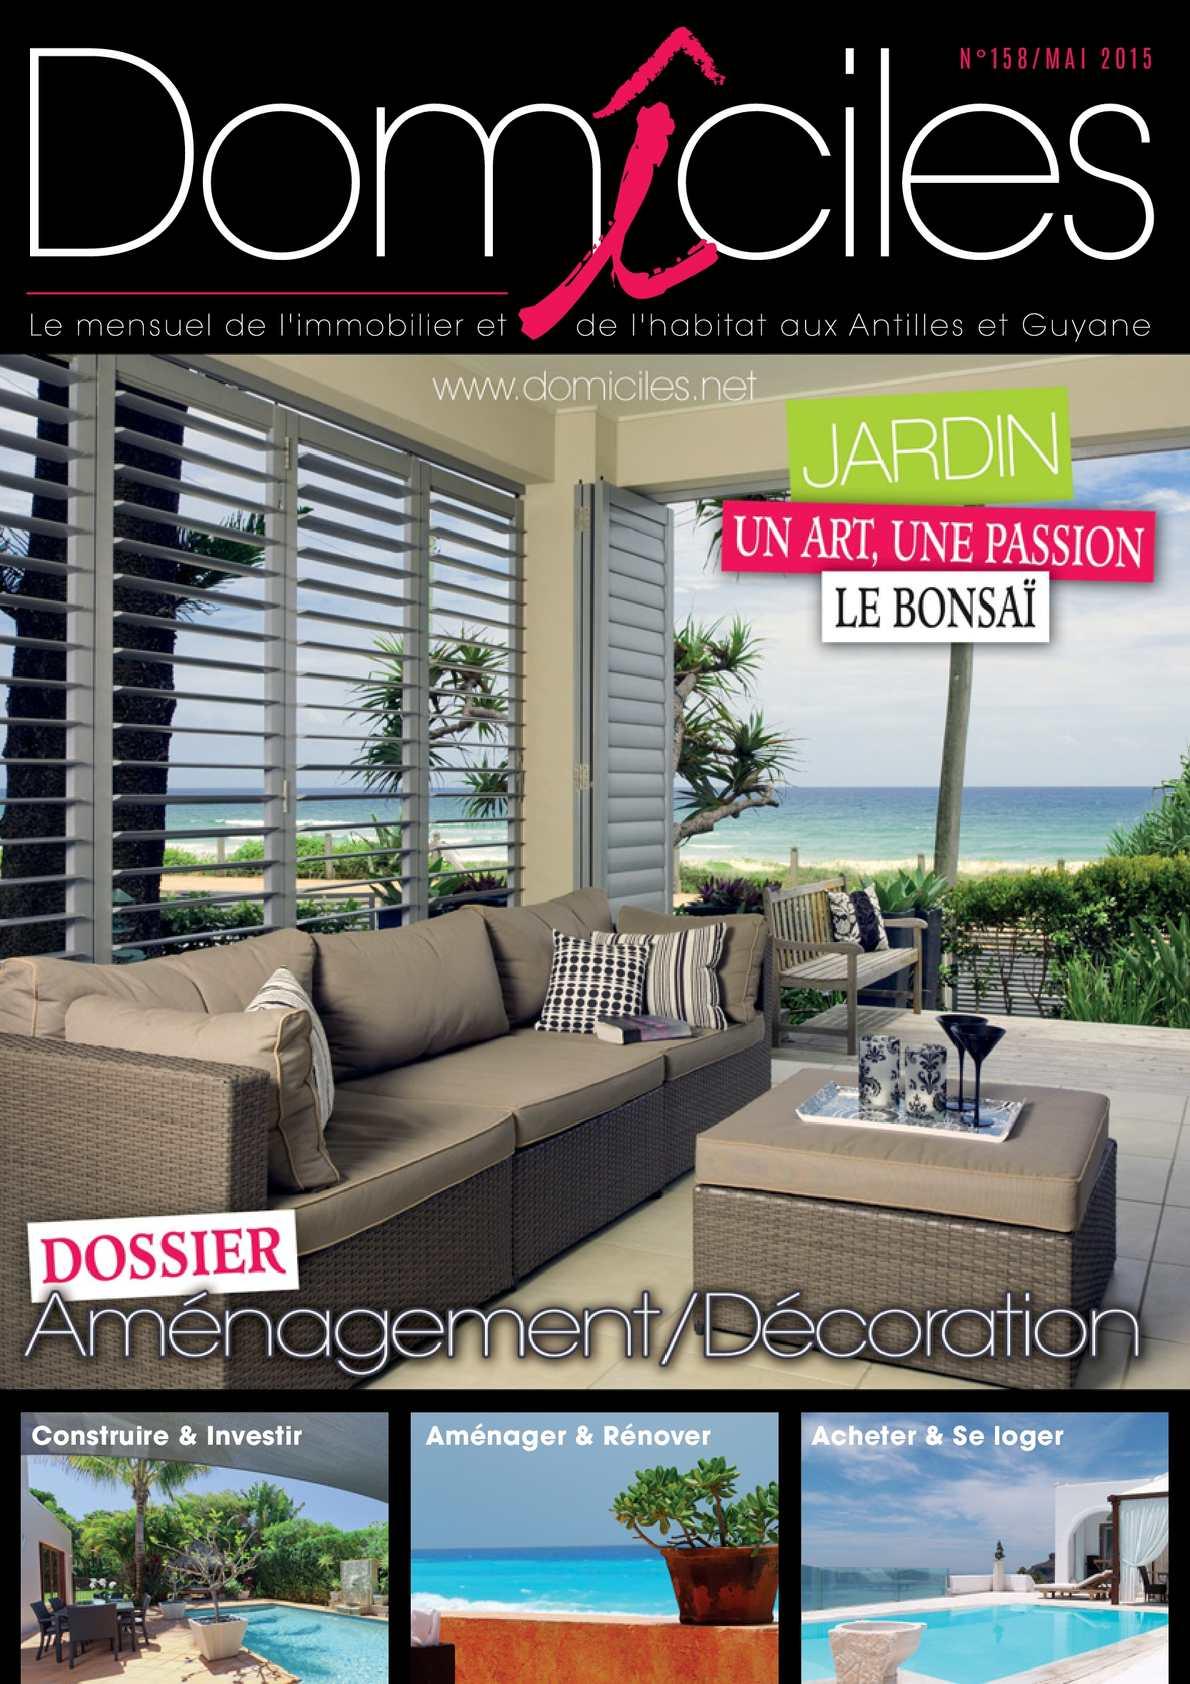 p1 Résultat Supérieur 1 Beau Mini Canape Convertible Und Achat Oeuvre Street Art Pour Salon De Jardin Image 2017 Hyt4